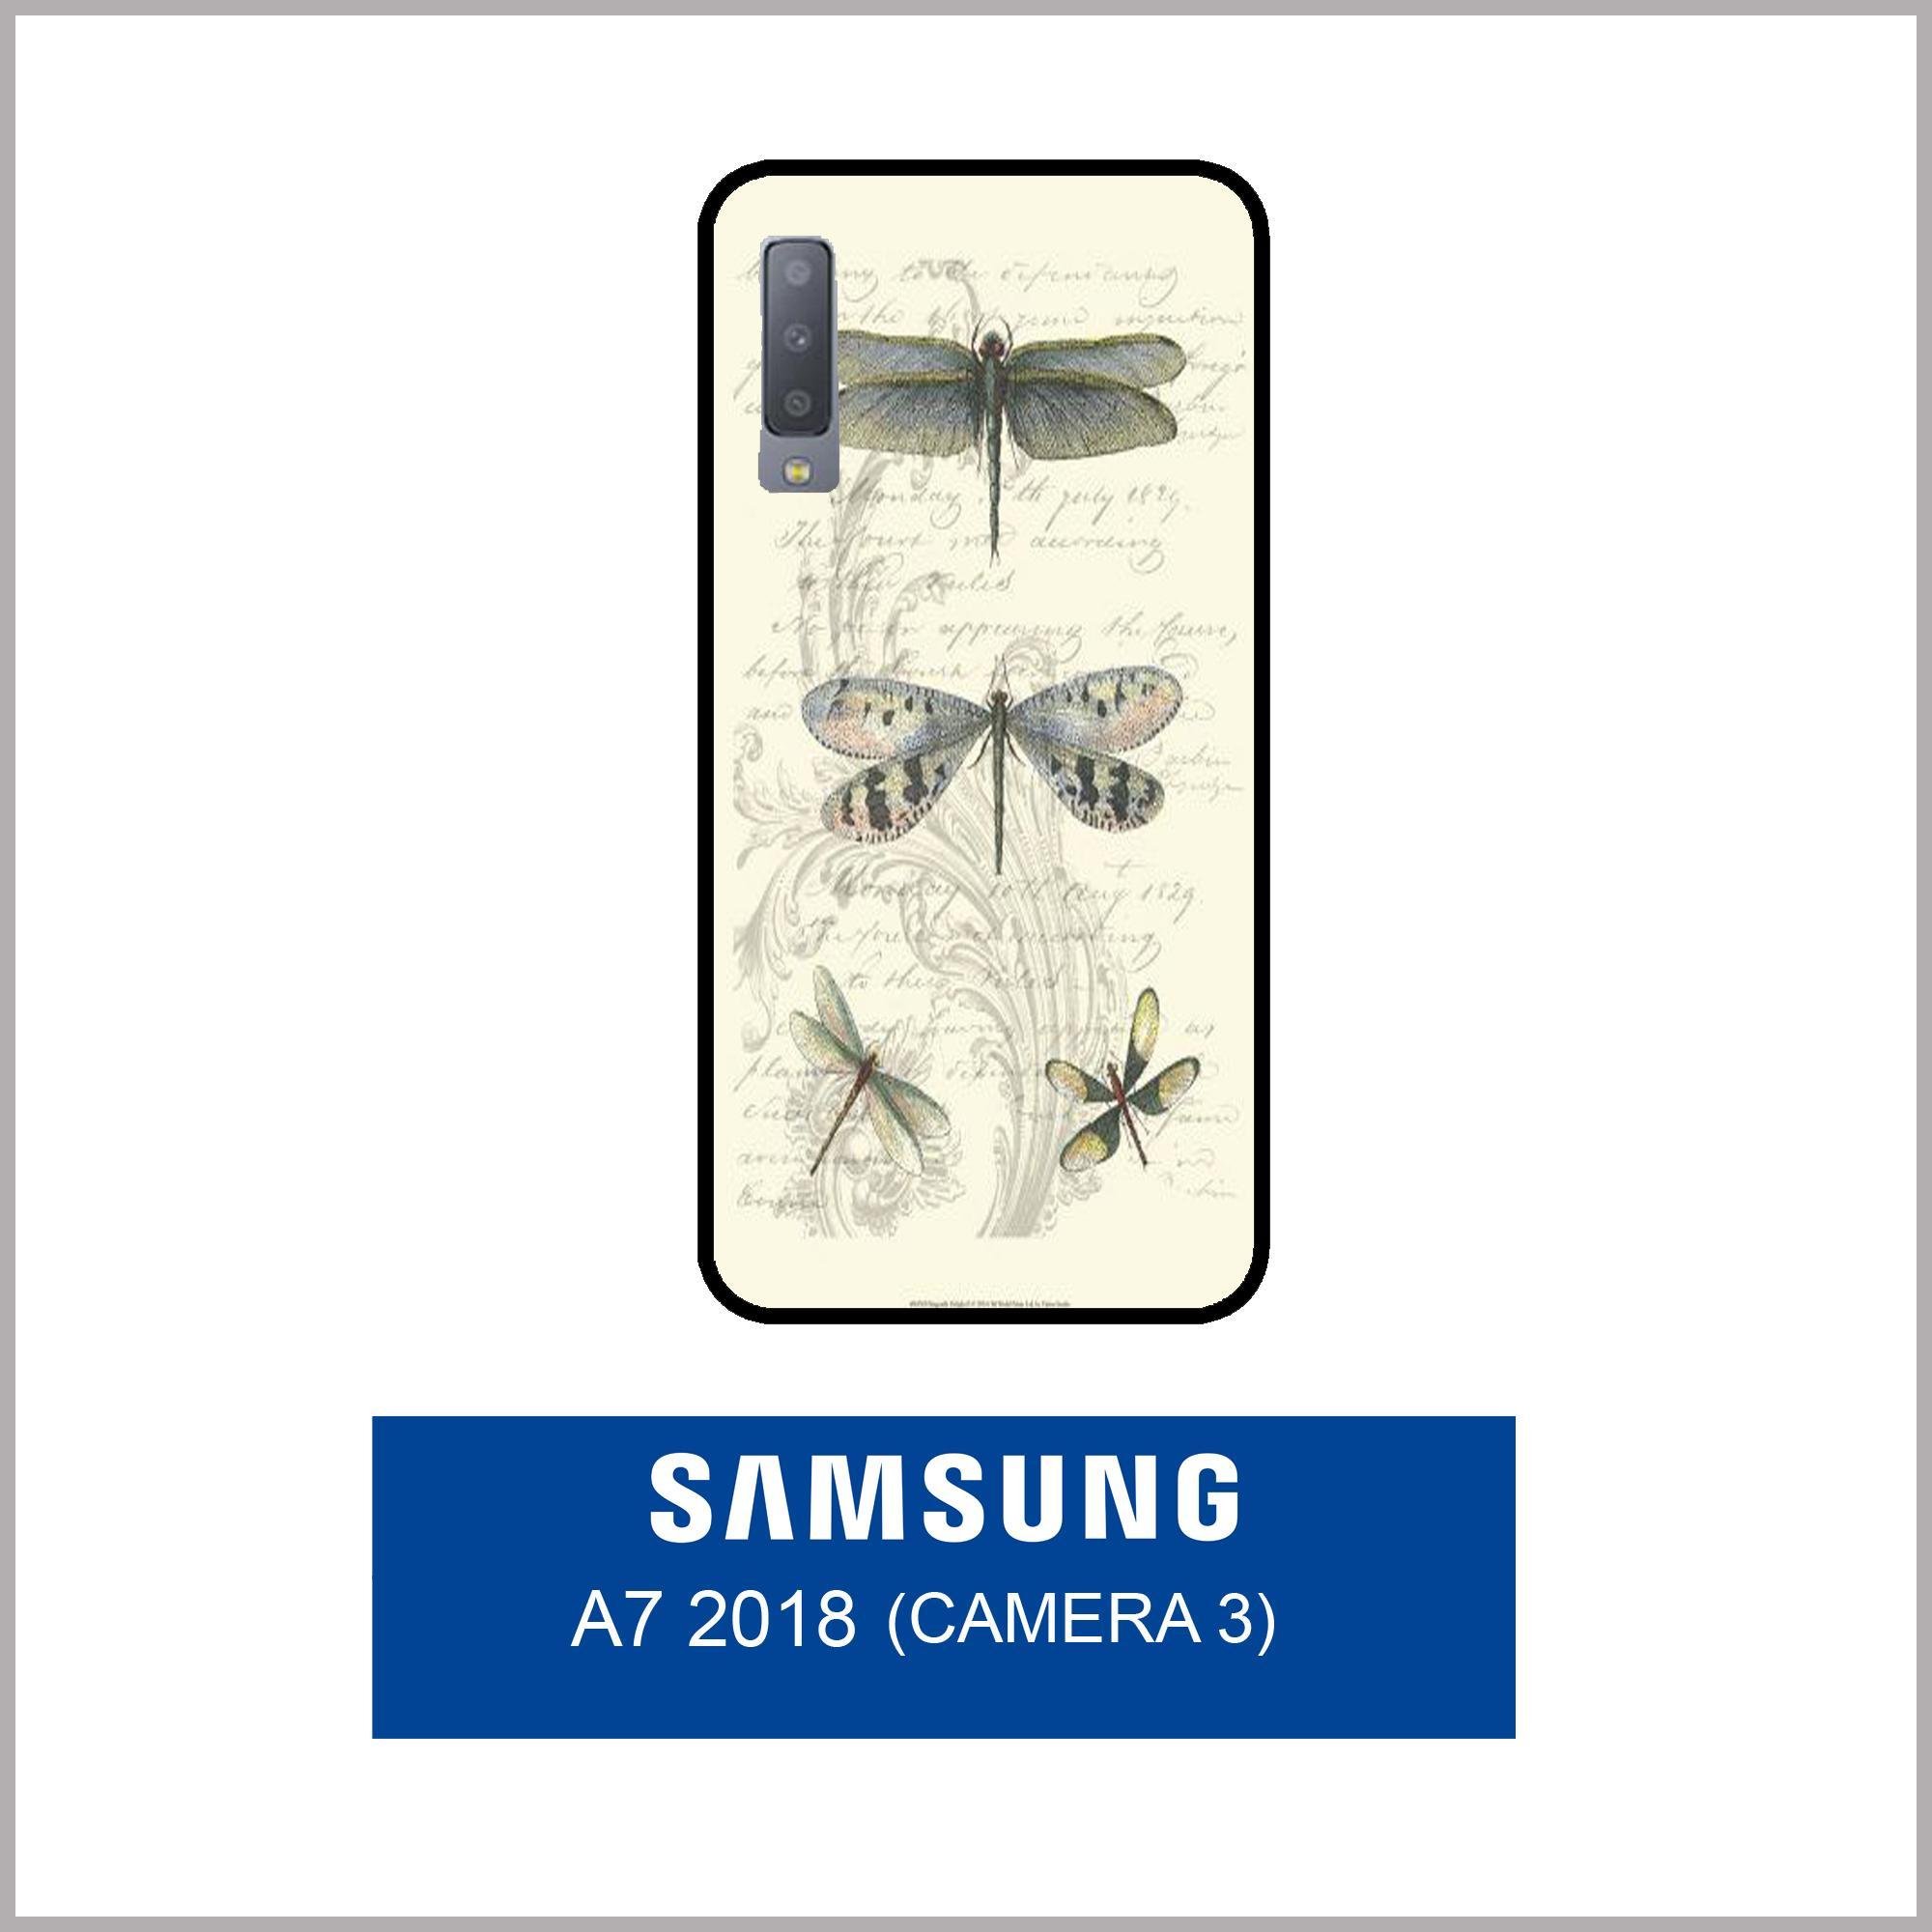 Case Fashion Printing For Samsung Galaxy A7 2018 (3 Camera) - 18